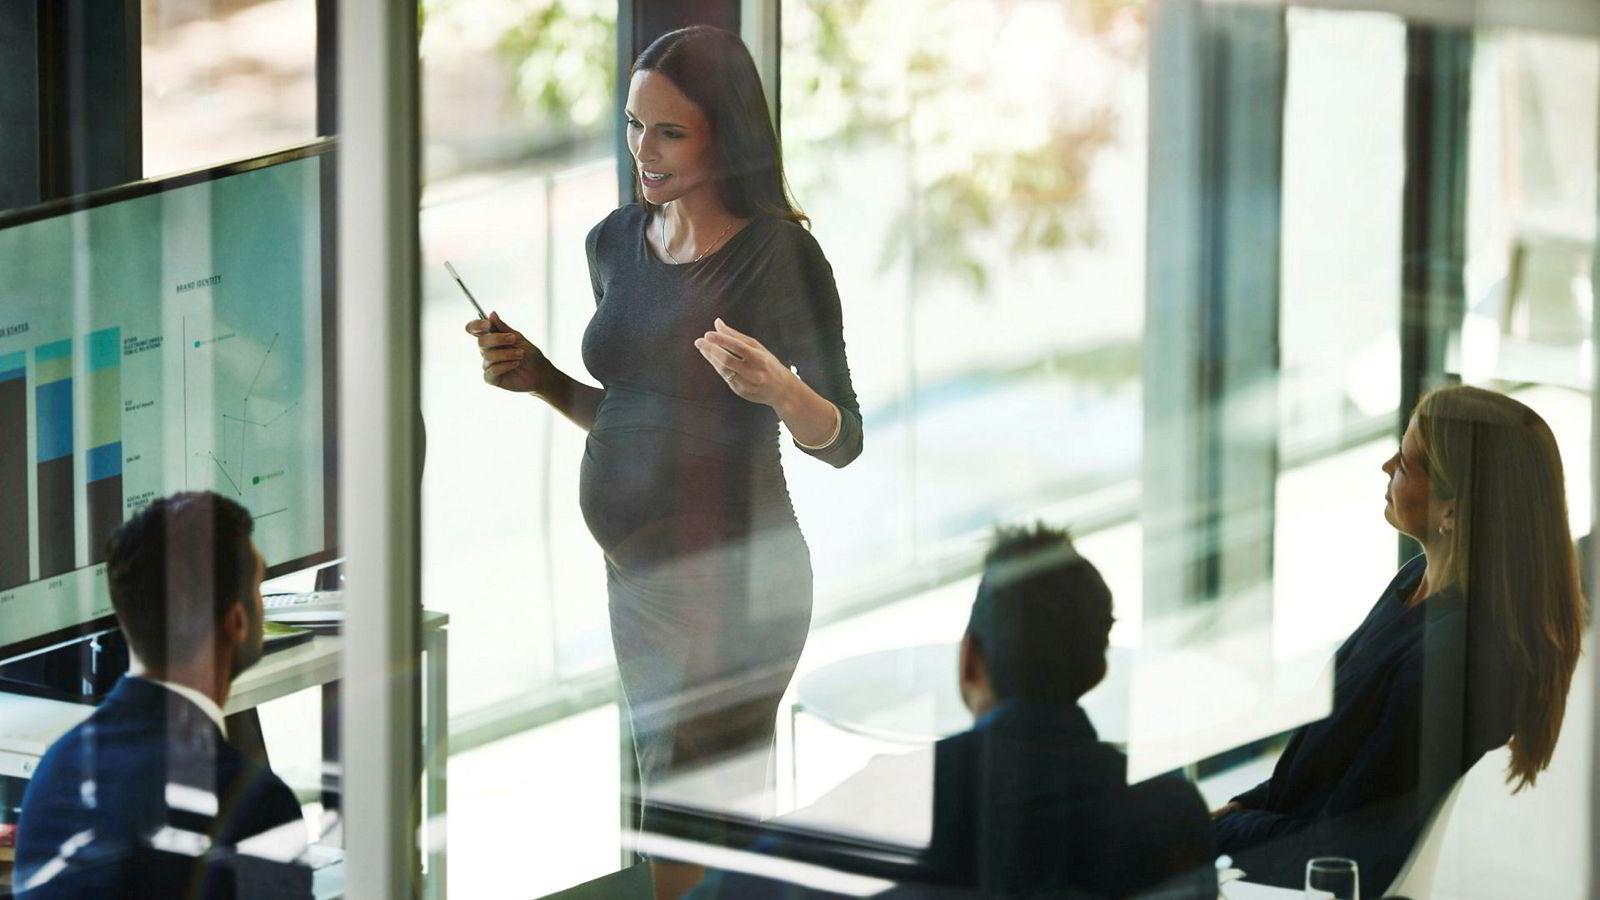 En kvinne i lederstilling kom tilbake fra fødselspermisjon, til ny sjef og degradert stilling. Likestillings- og diskrimineringsombudet får mange slike saker på sitt bord.